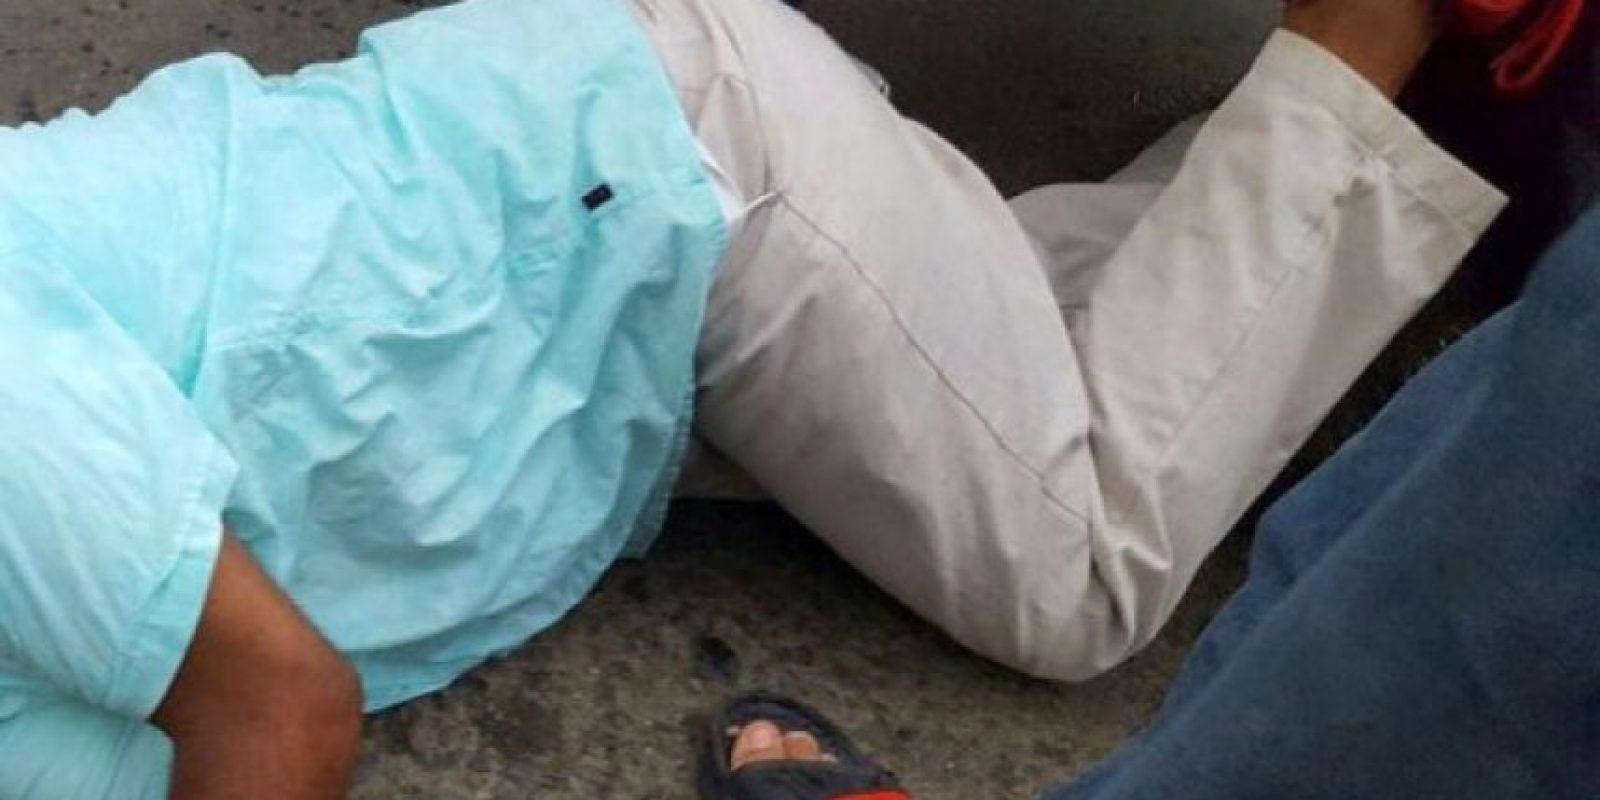 11- Muerte en Monción. Un hombre resultó muerto de un disparo en un hecho ocurrido en Monción, municipio de la provincia Santiago Rodríguez, en el suroeste del país. Al momento de su muerte en circunstancias que todavía ayer se investigaban, Simeón Cerda Torres, de aproximadamente unos 50 años de edad, tenía puesto un gafete del Partido de la Liberación Dominicana. Foto:Fuente externa